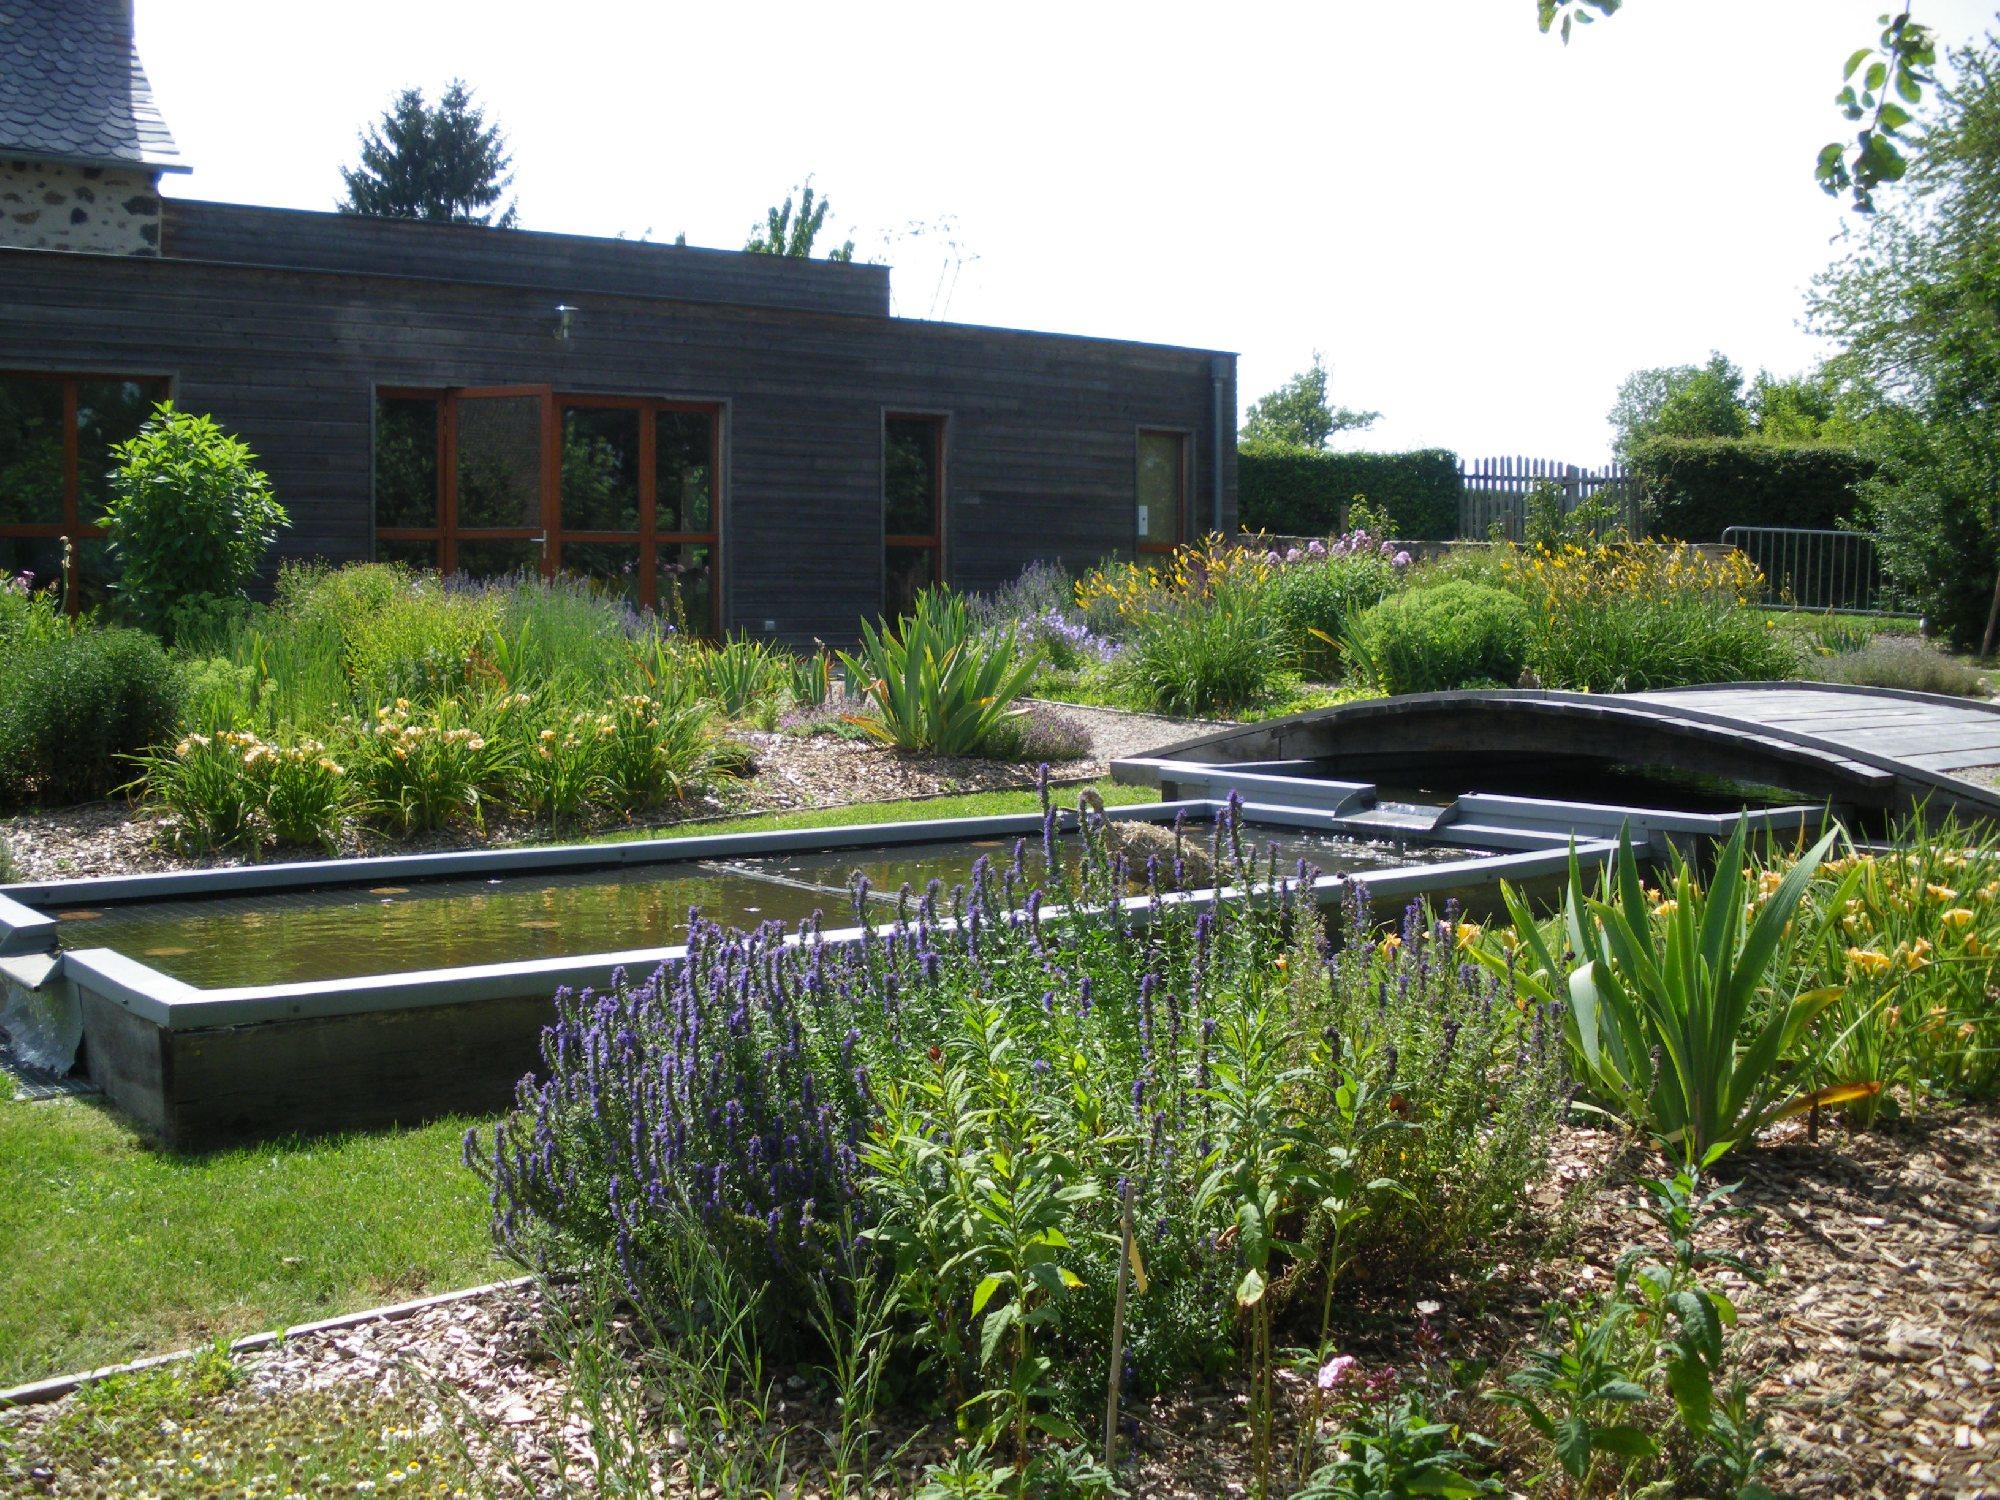 Le jardin des 5 sens visite tourisme aveyron for Jardin des sens saigon